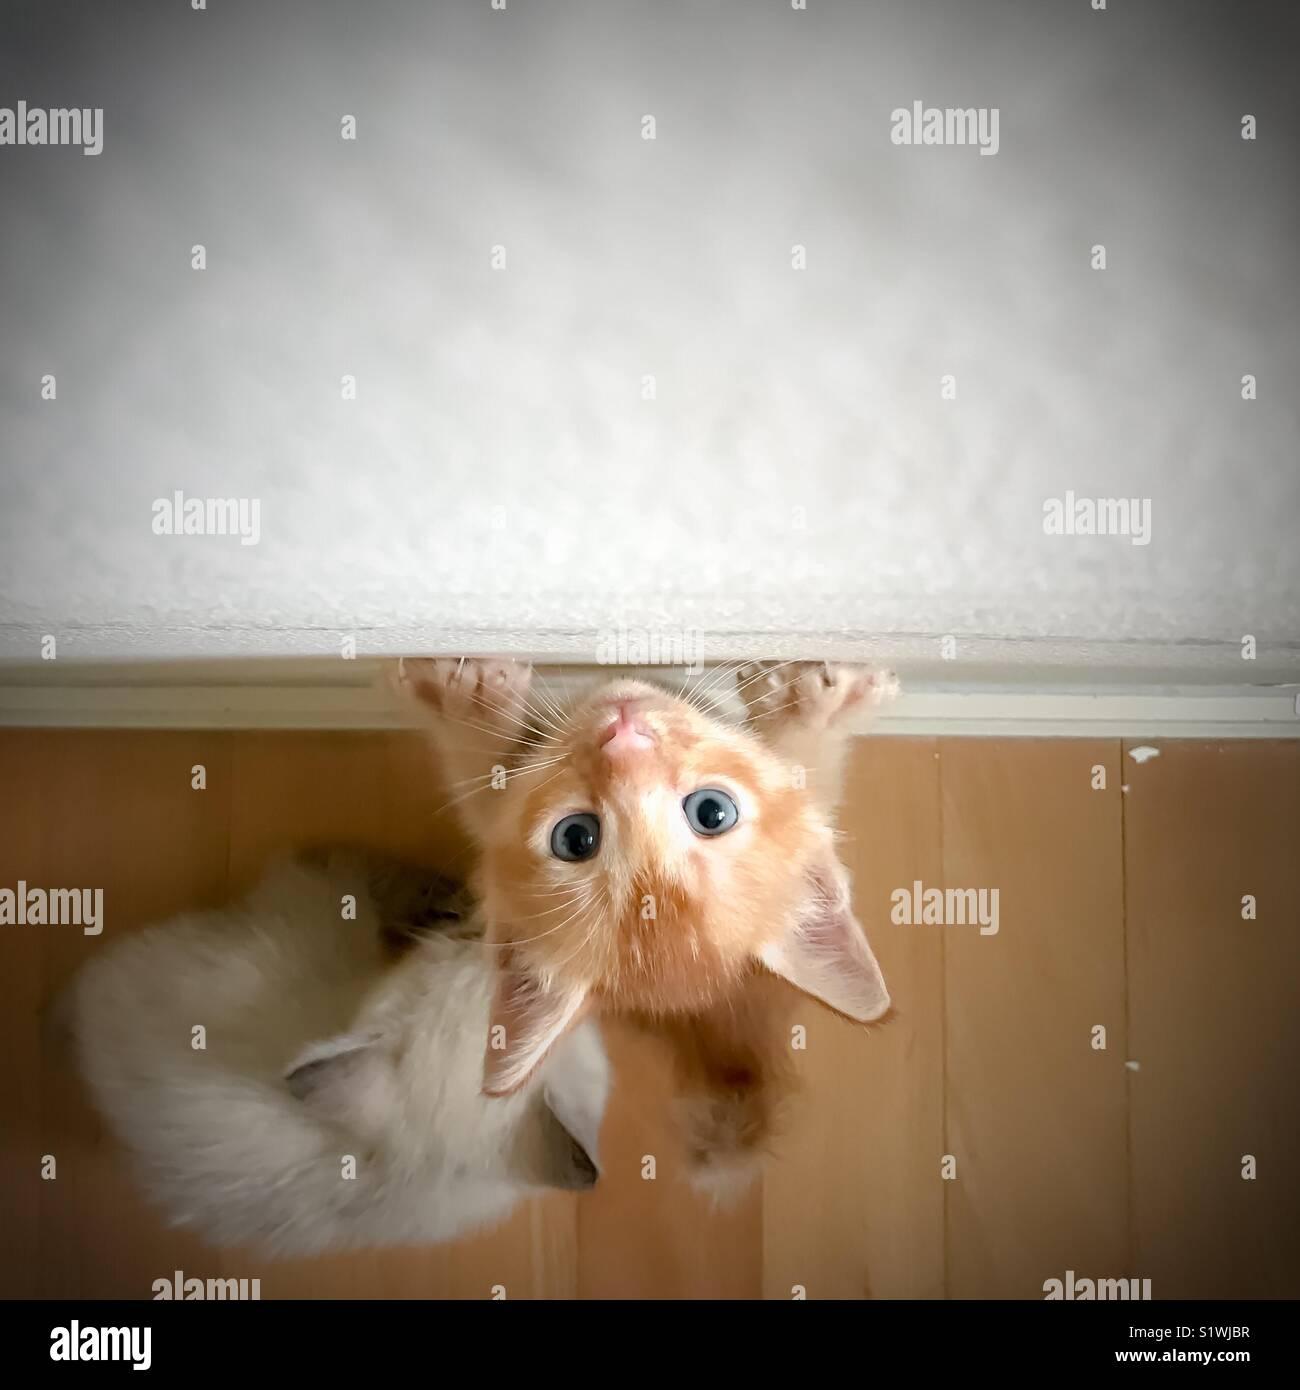 Chaton essaie de grimper jusqu'à la recherche d'attention mur Photo Stock